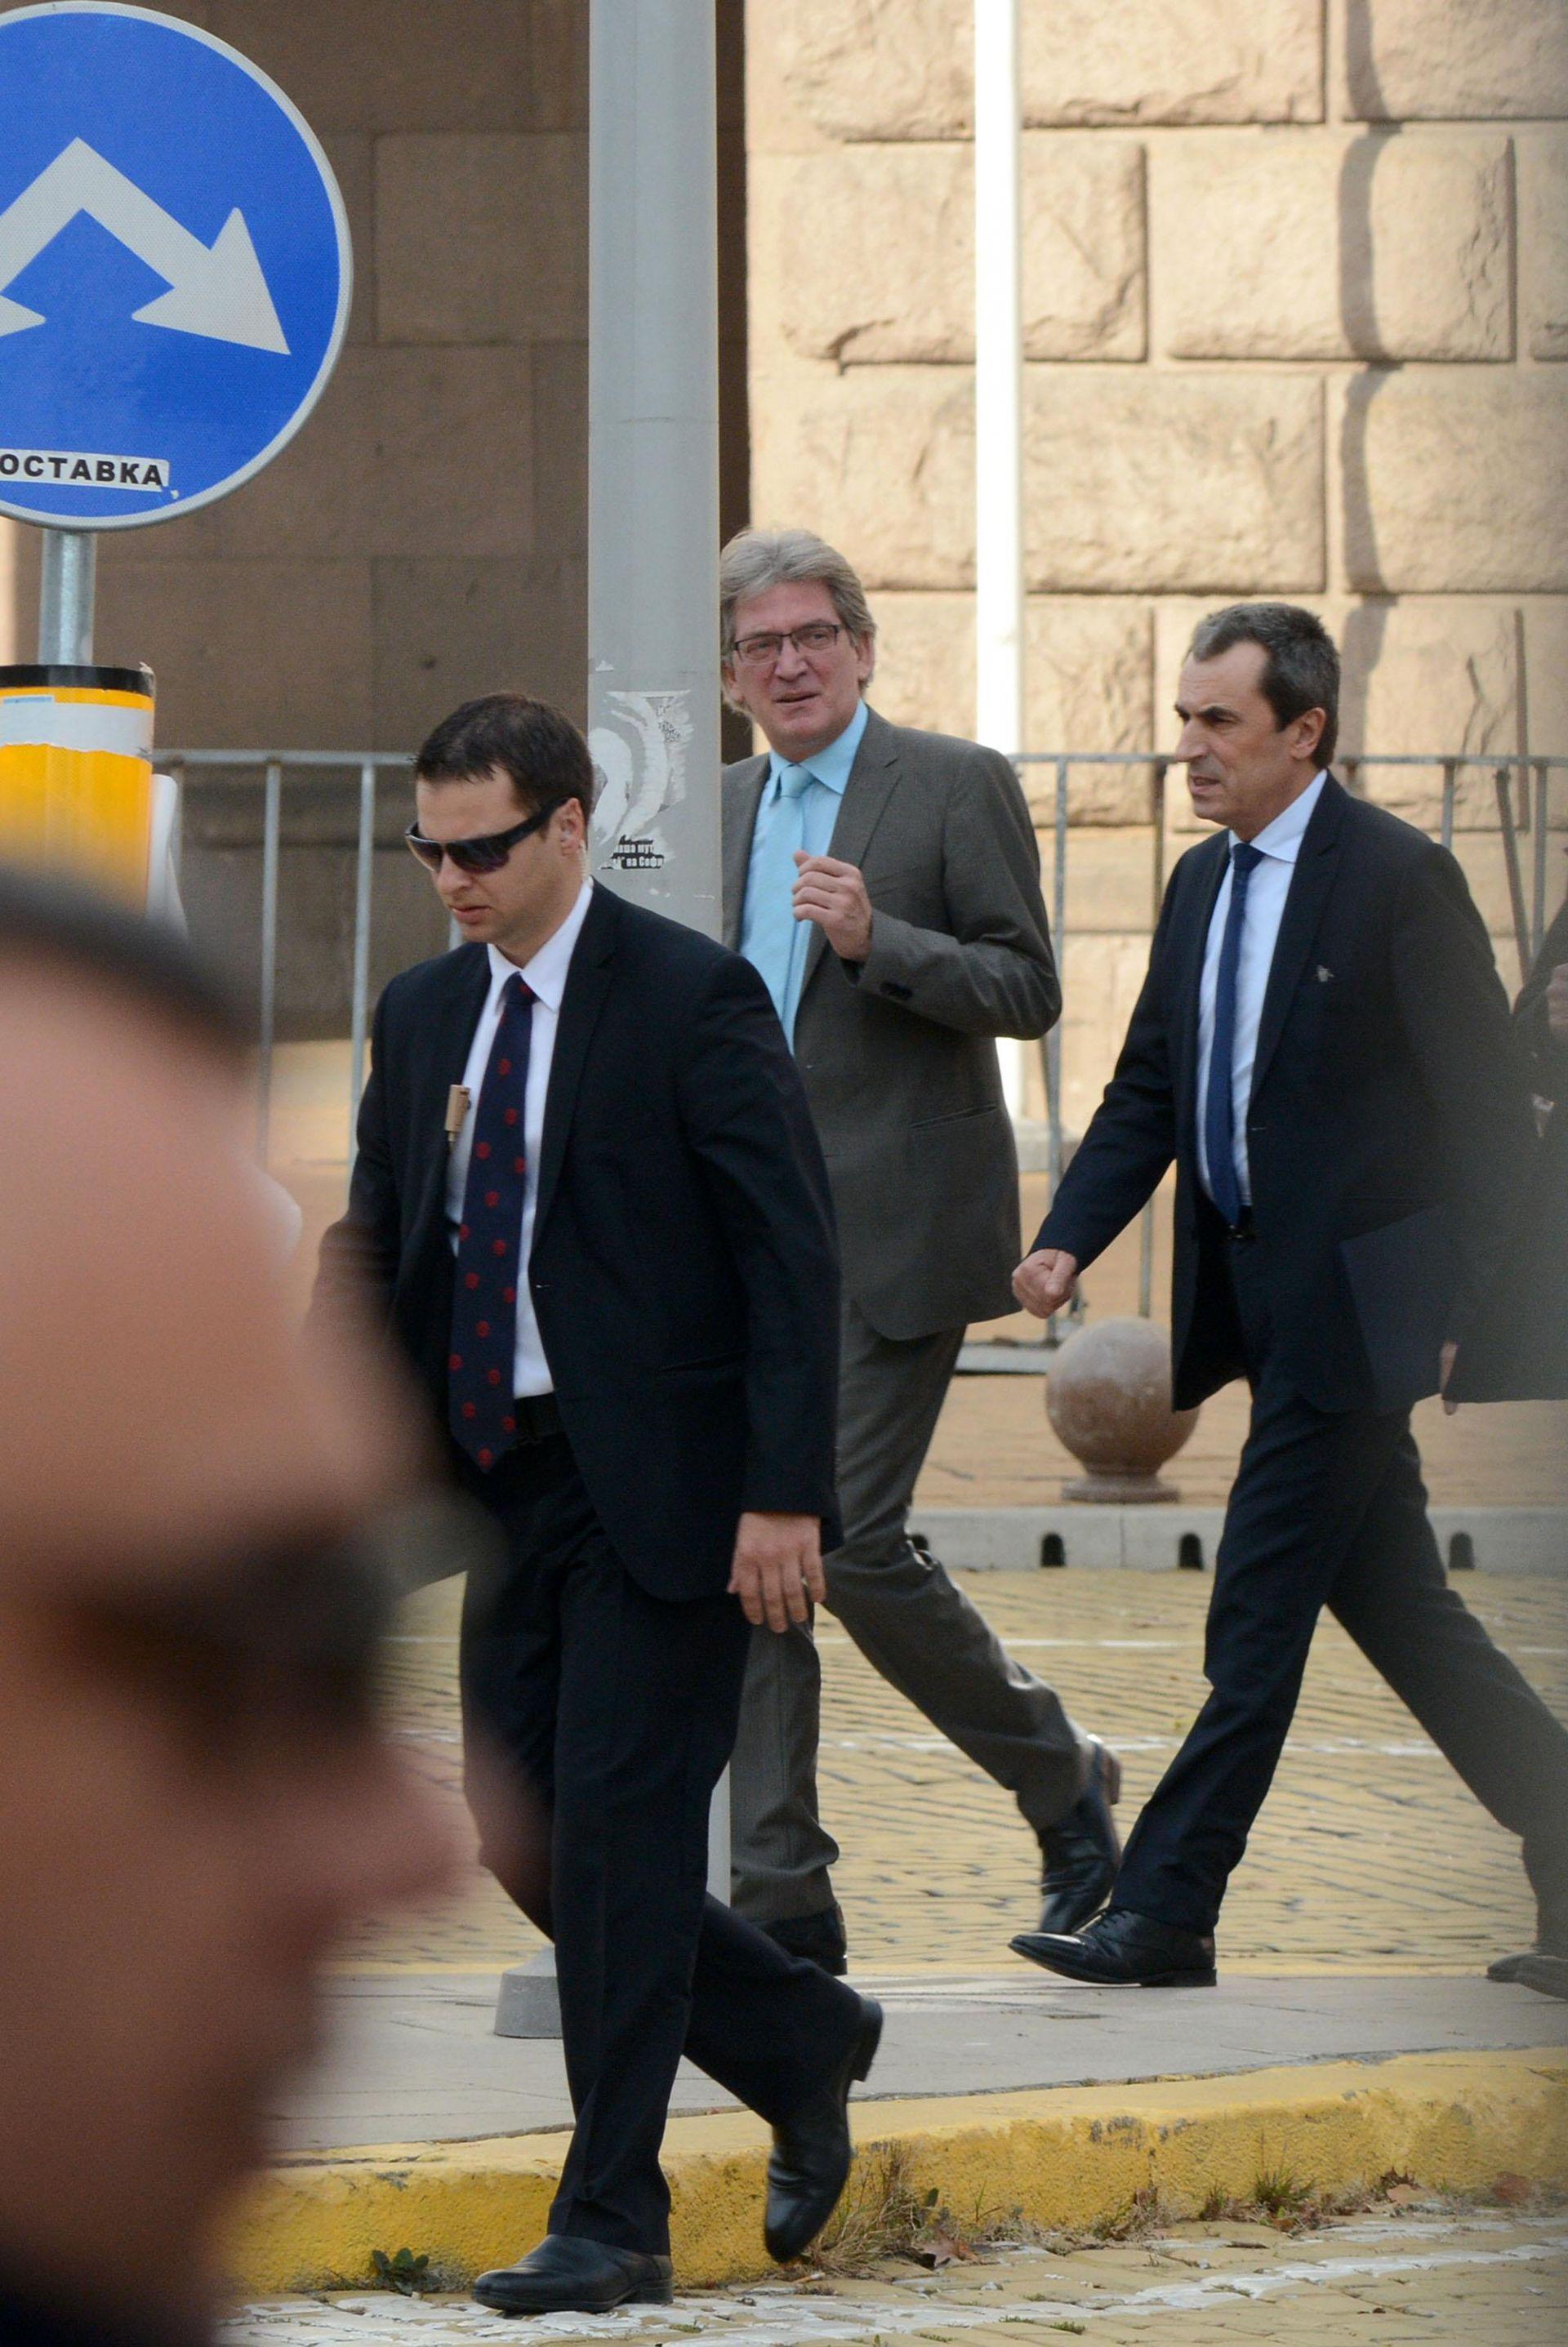 През 2013 година Ивайло Данаилов (в средата) беше медиен съветник на премиера Пламен Орешарск